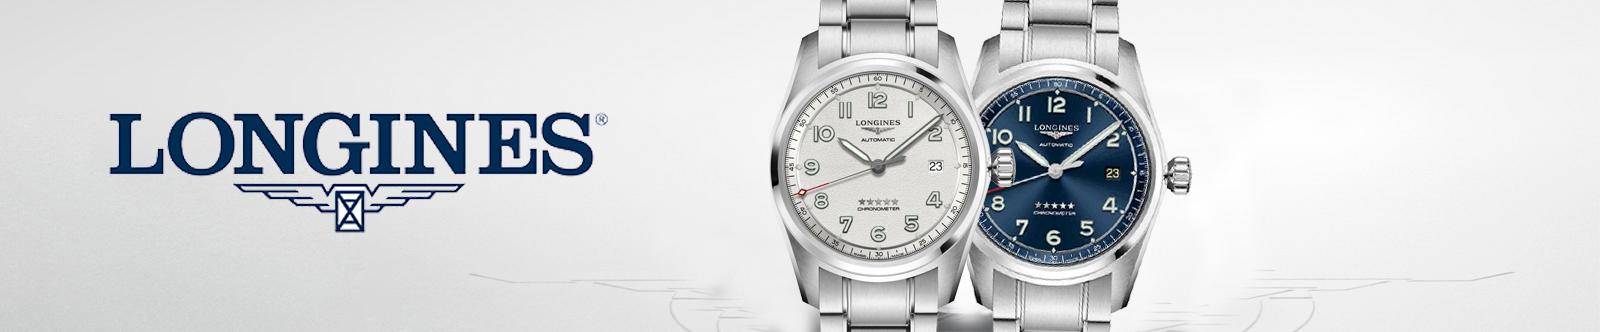 Bộ sưu tập đồng hồ Longines cao cấp tại VN